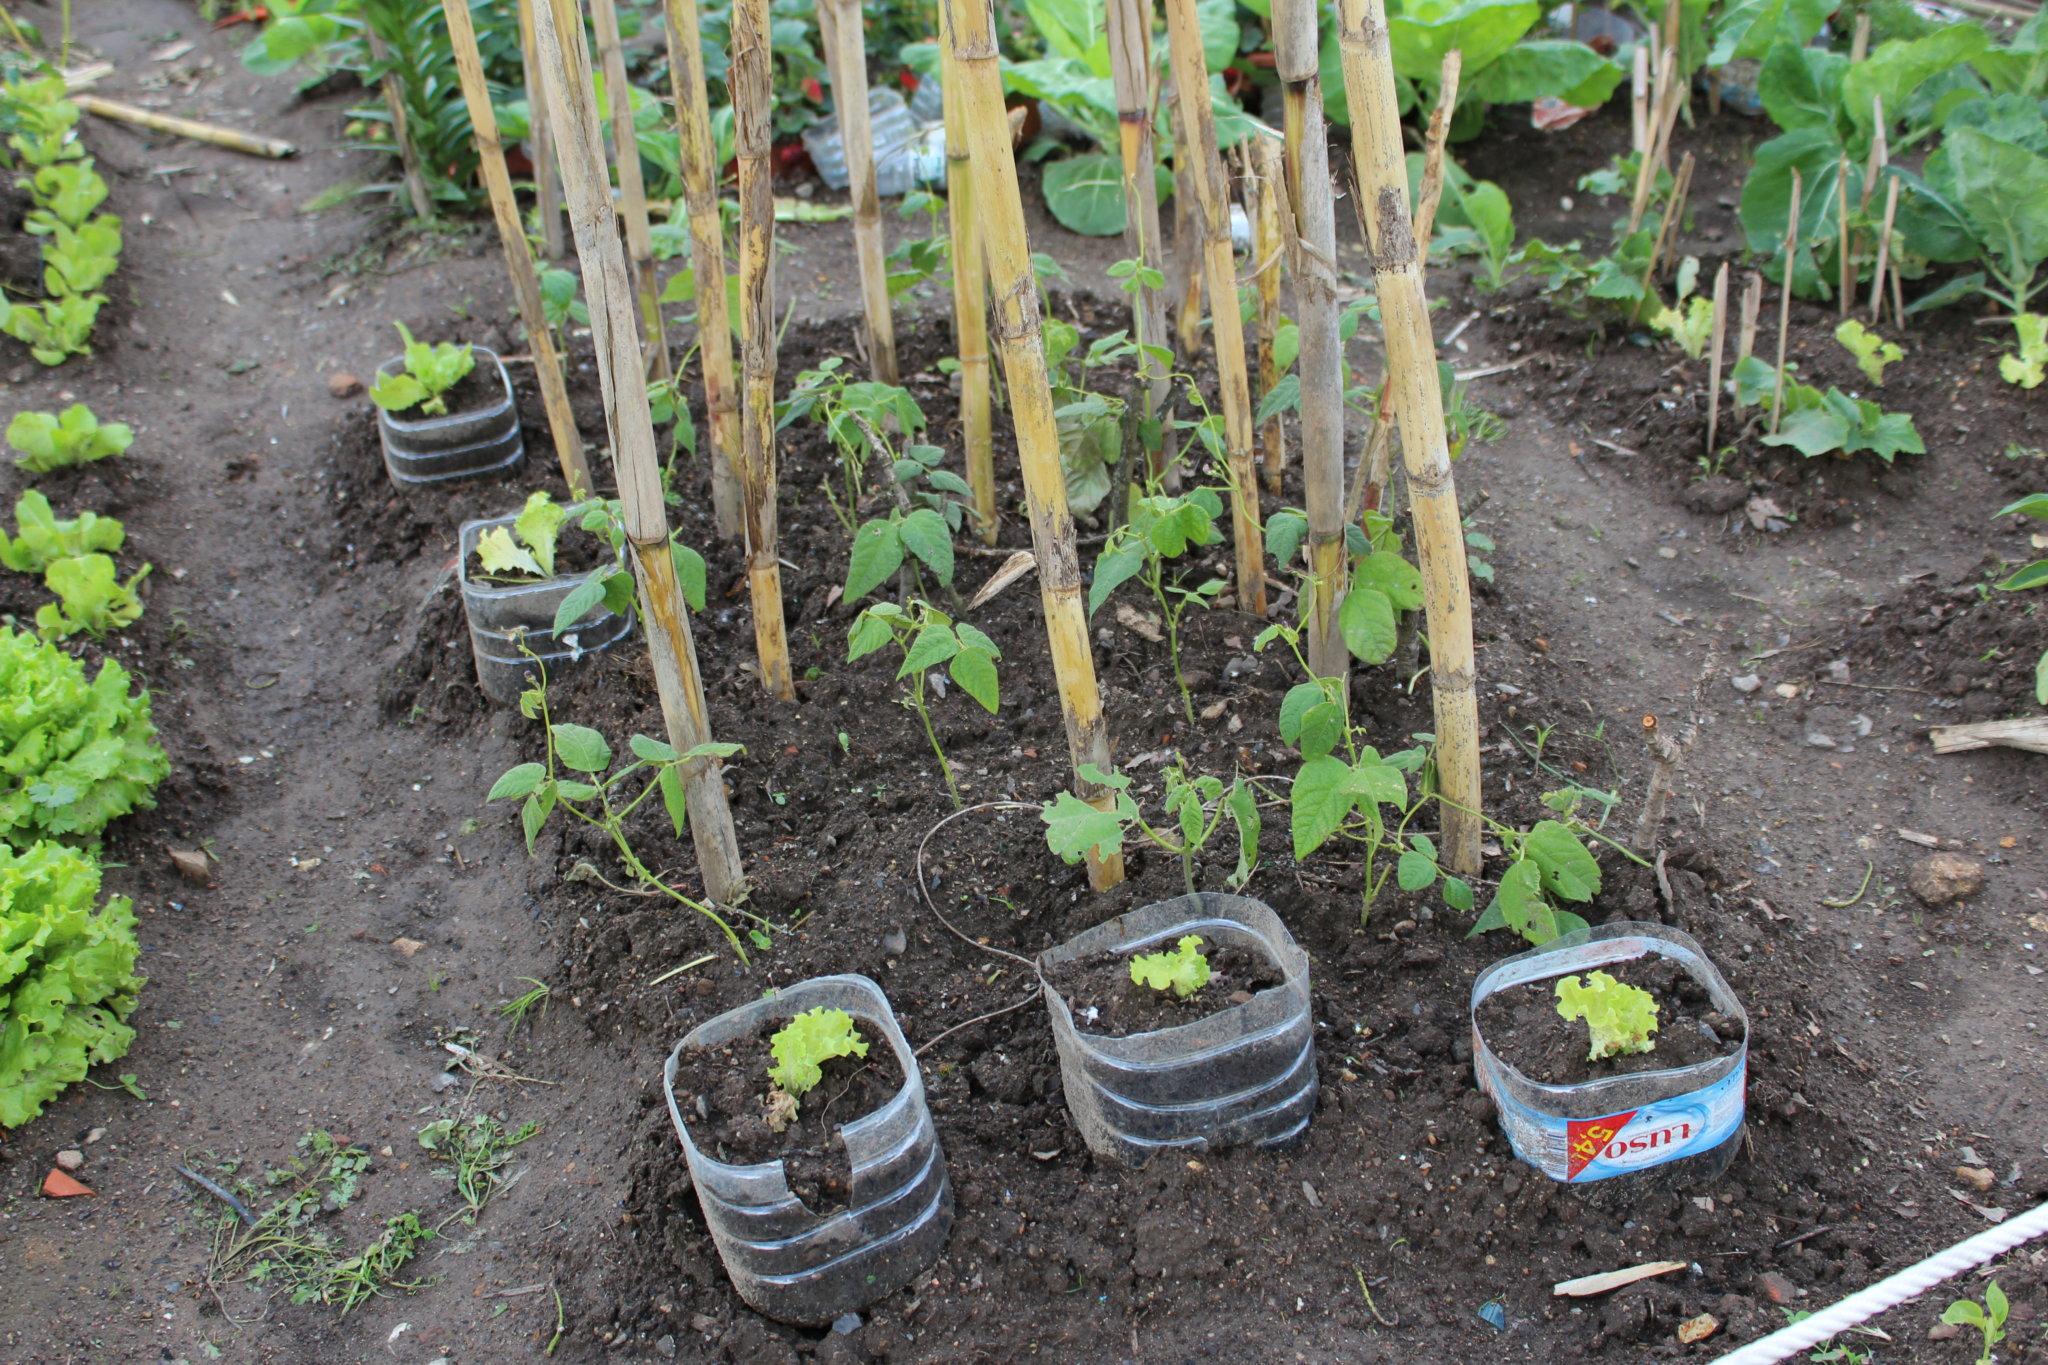 Uma opção biológica – o cultivo de alfaces em garrafões permite a reutilização deste resíduo e a proteção contra as lesmas e os caracóis, sem necessidade de pesticidas.